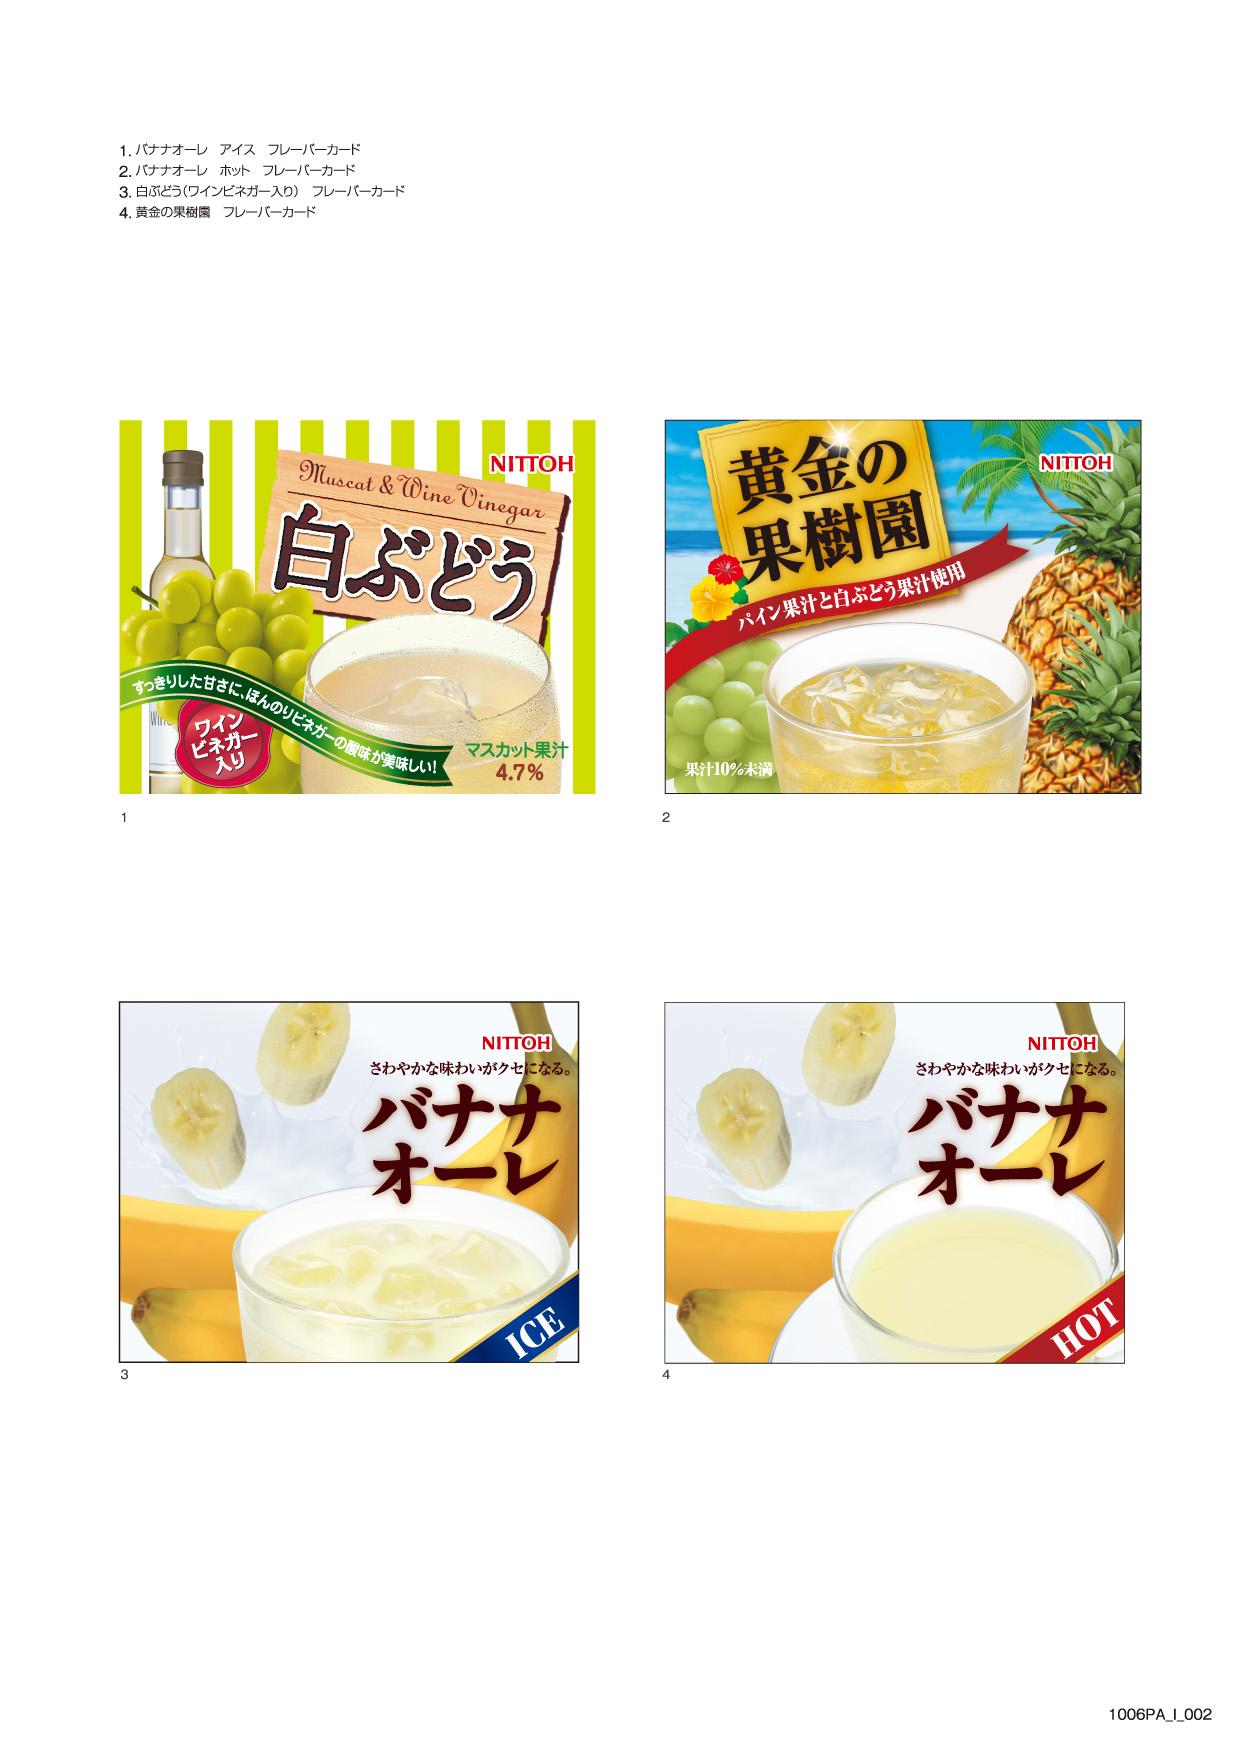 三井農林株式会社